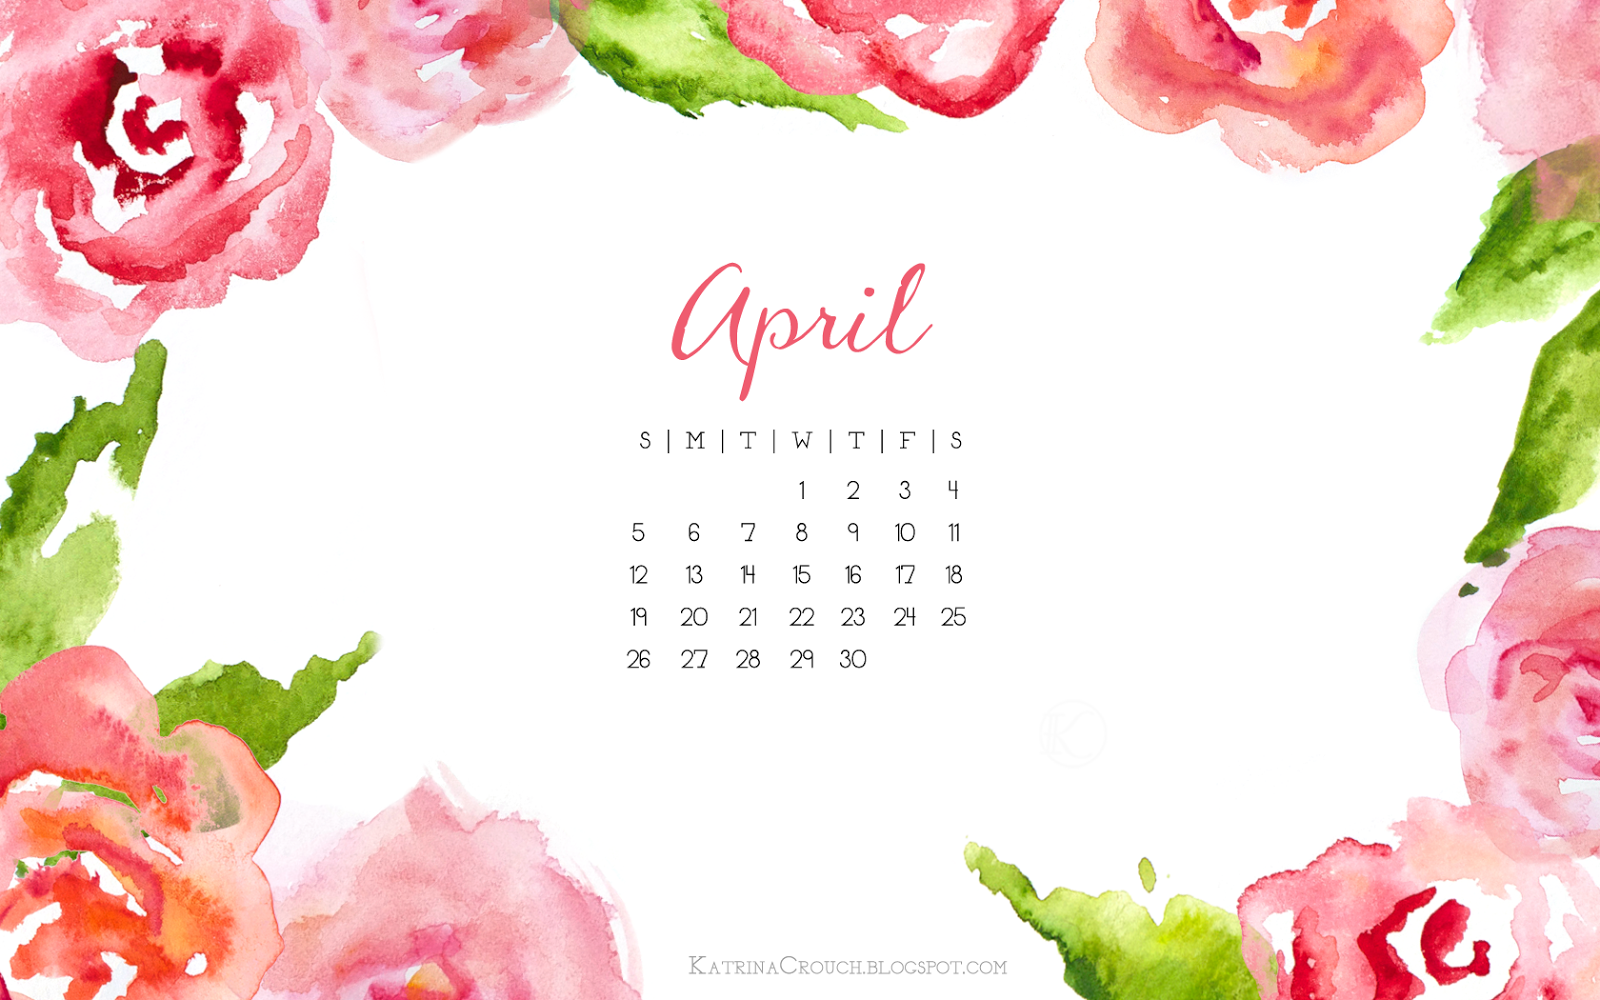 Desktop Calendar April 2016 katrina crouch — blushed design: april desktop calendar (2015)